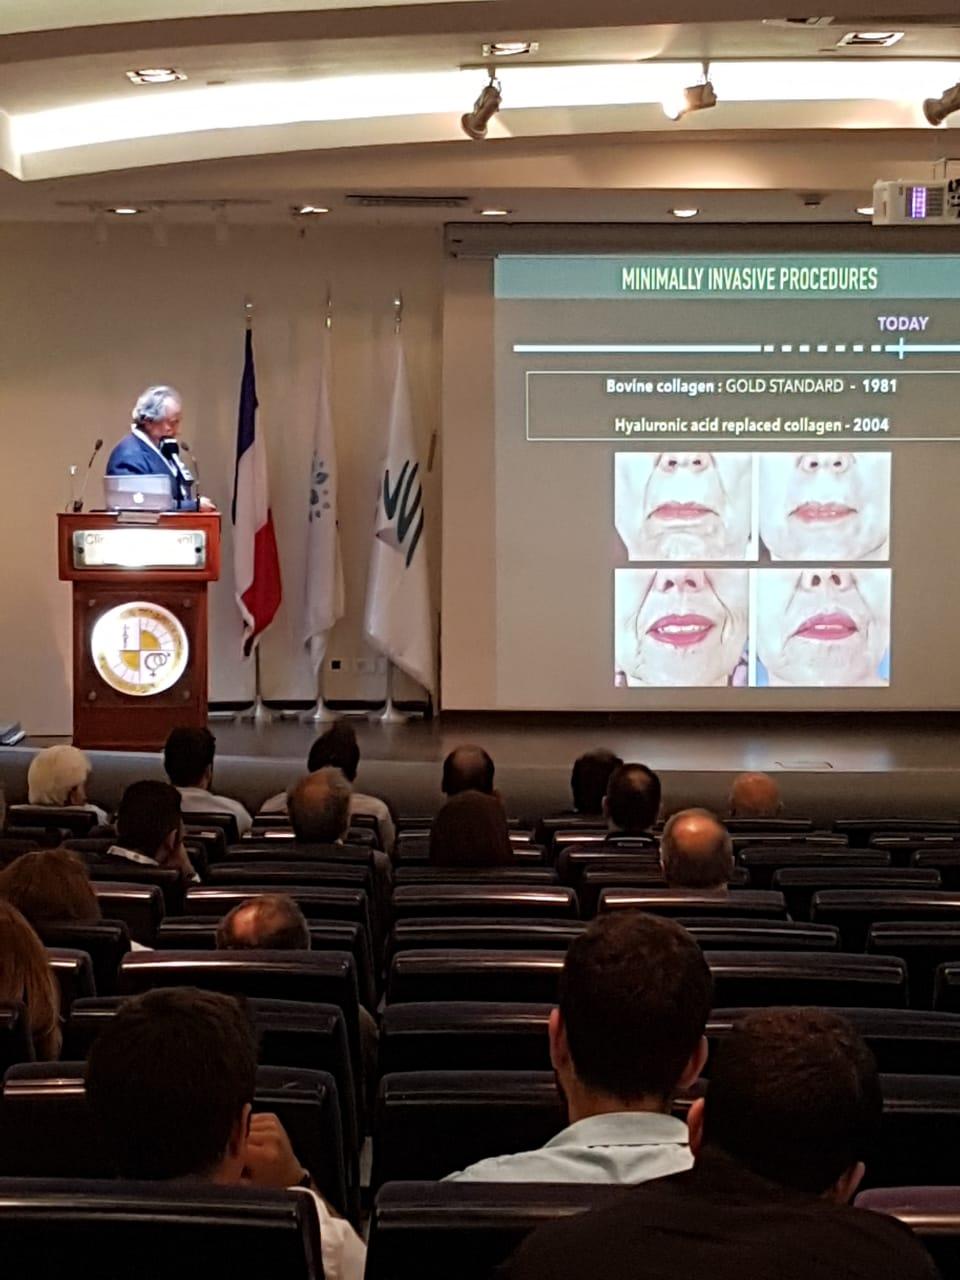 مؤتمر عن جراحة معالجة السمنة والترميم البلاستيكي ضمن اطار نشاطات سبت المشرق